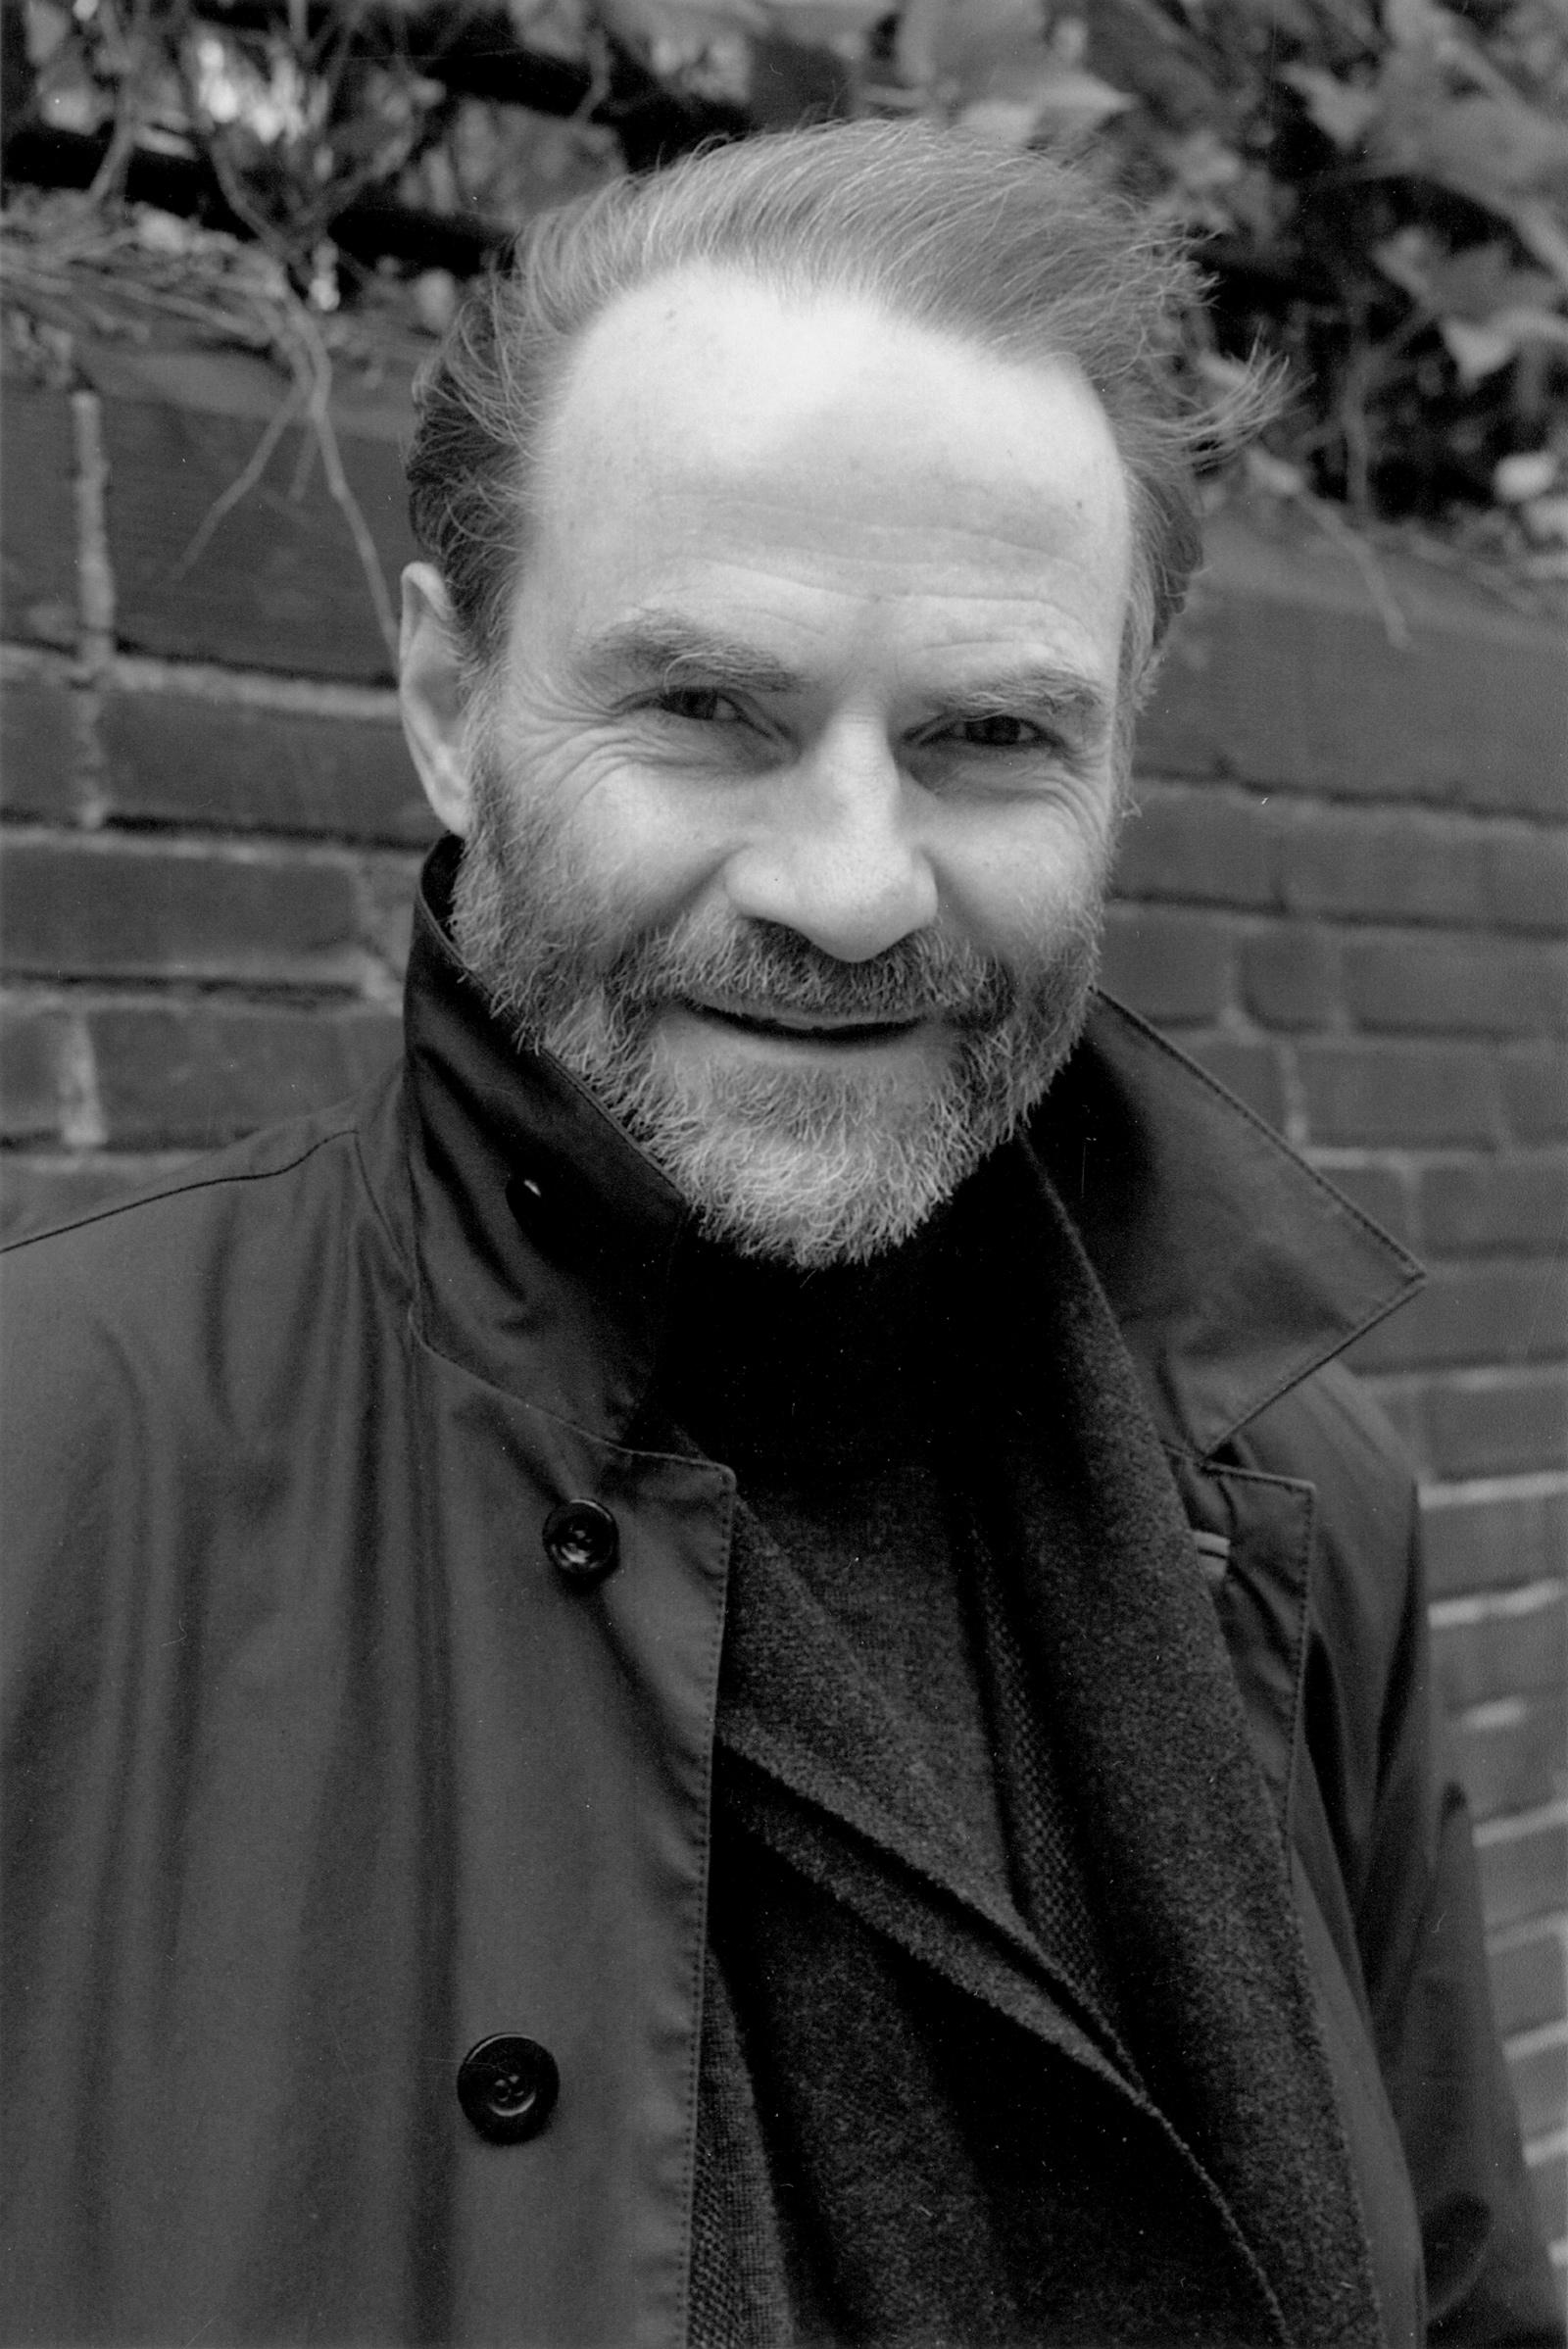 Timothy Garton Ash, New York City, October 2010